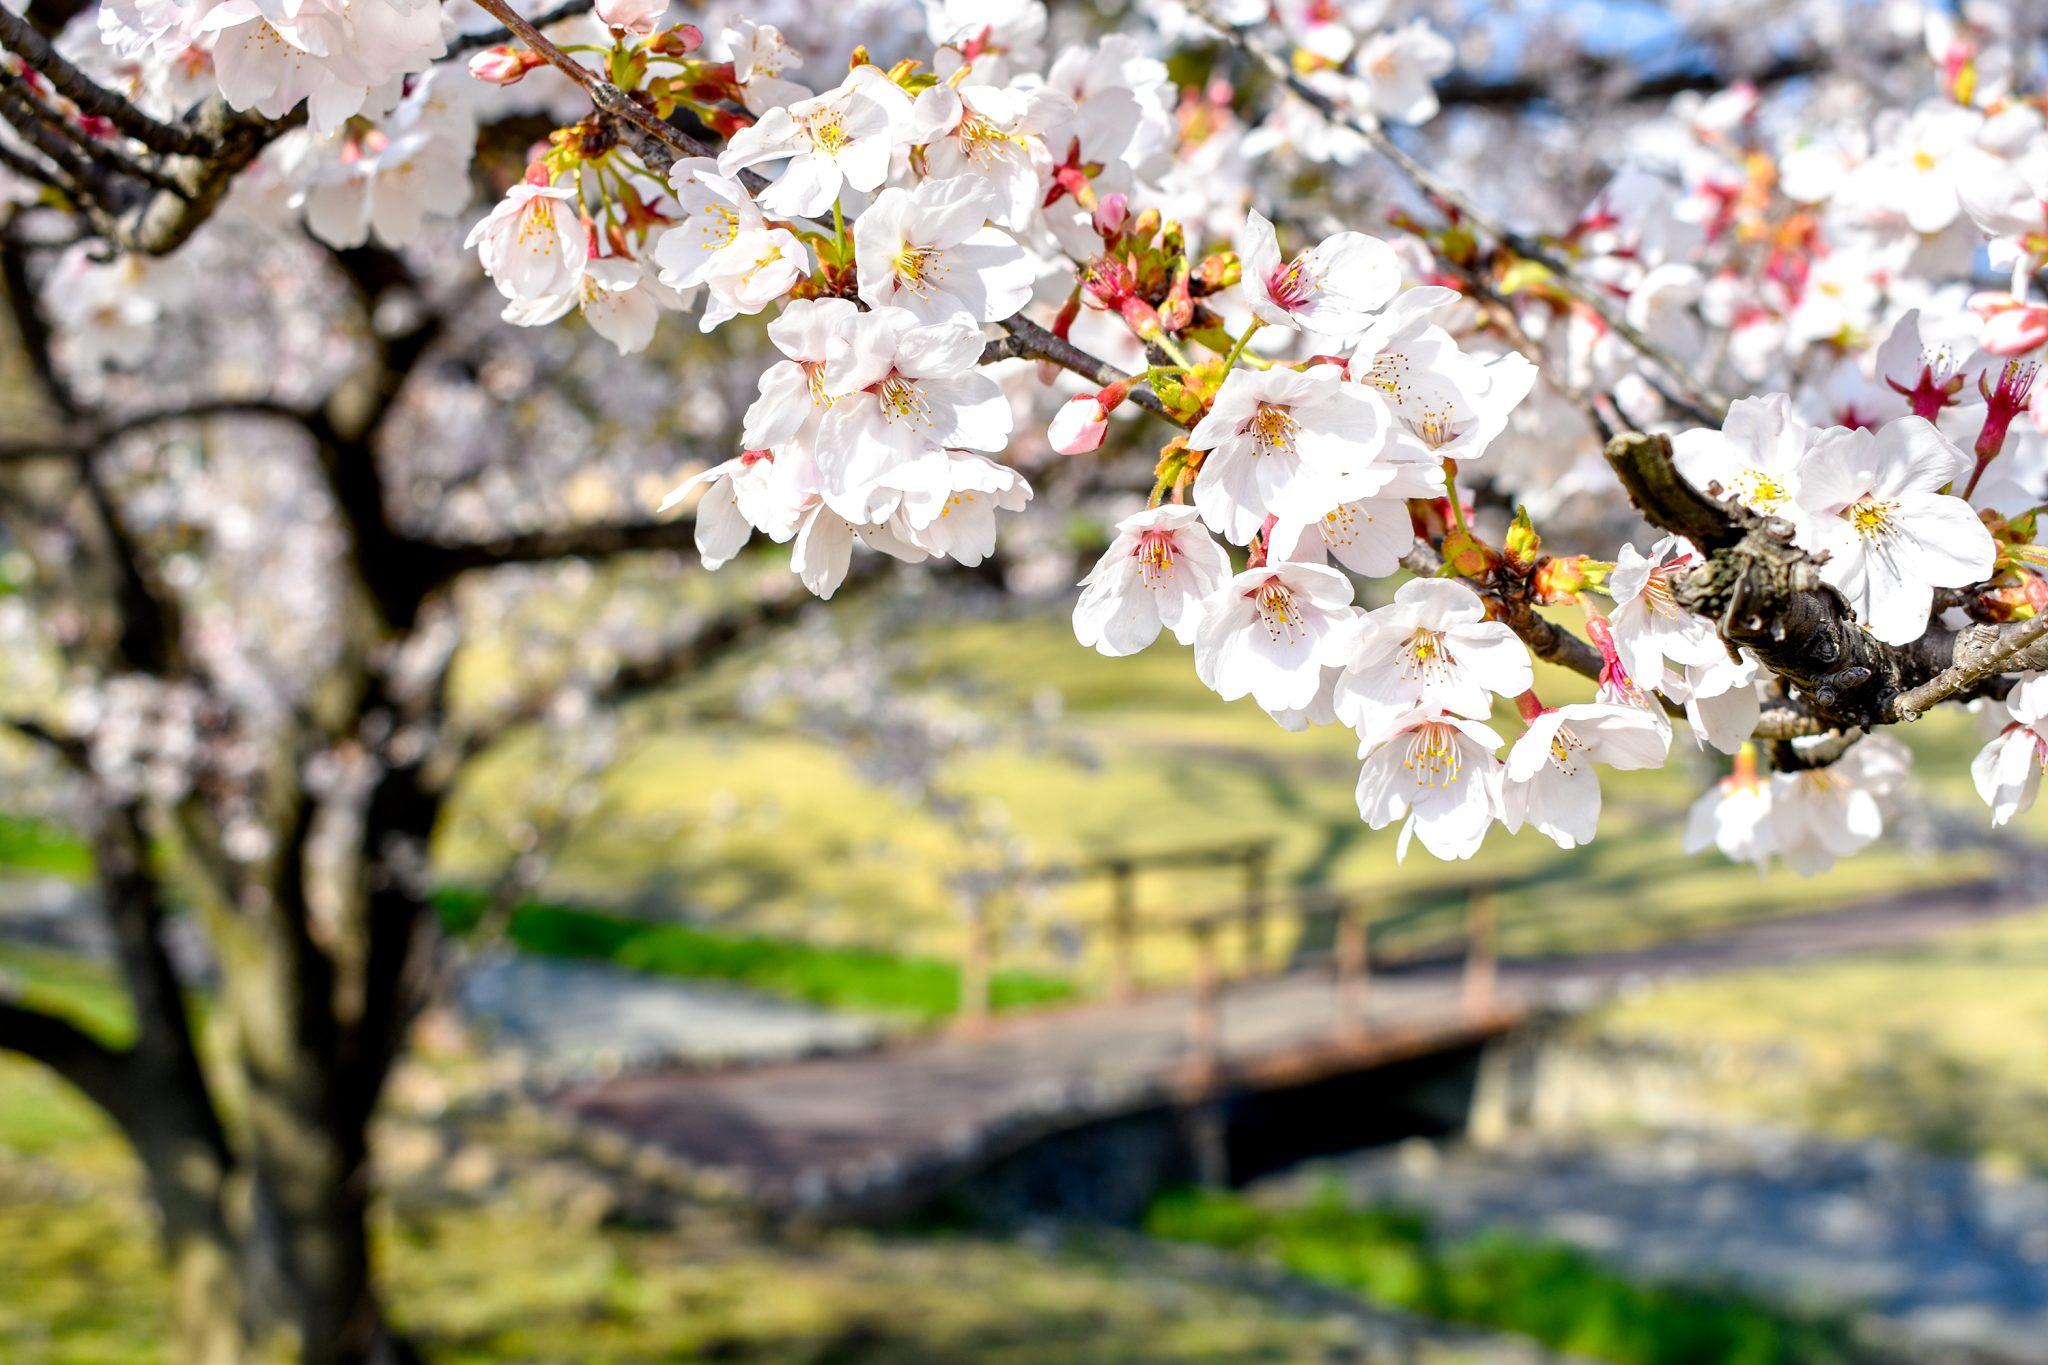 信玄堤公園の桜 写真1